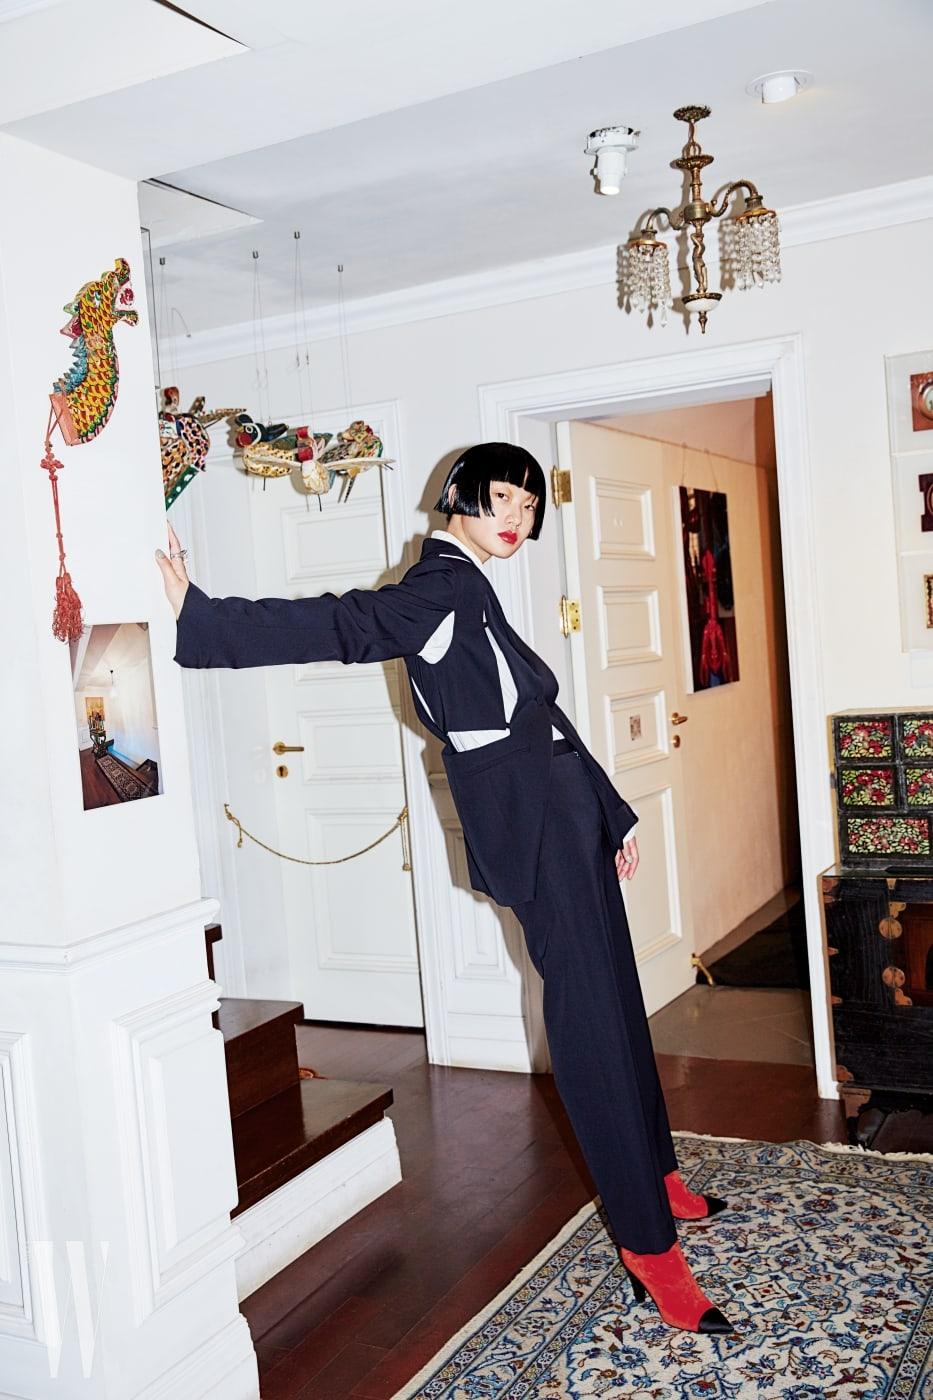 절개가 인상적인 재킷과 배기 실루엣 팬츠는 포츠 1961 제품. 가격 미정. 담백한 셔츠는 렉토 제품. 36만8천원. 소 모티프 반지는 구찌 제품. 가격 미정.